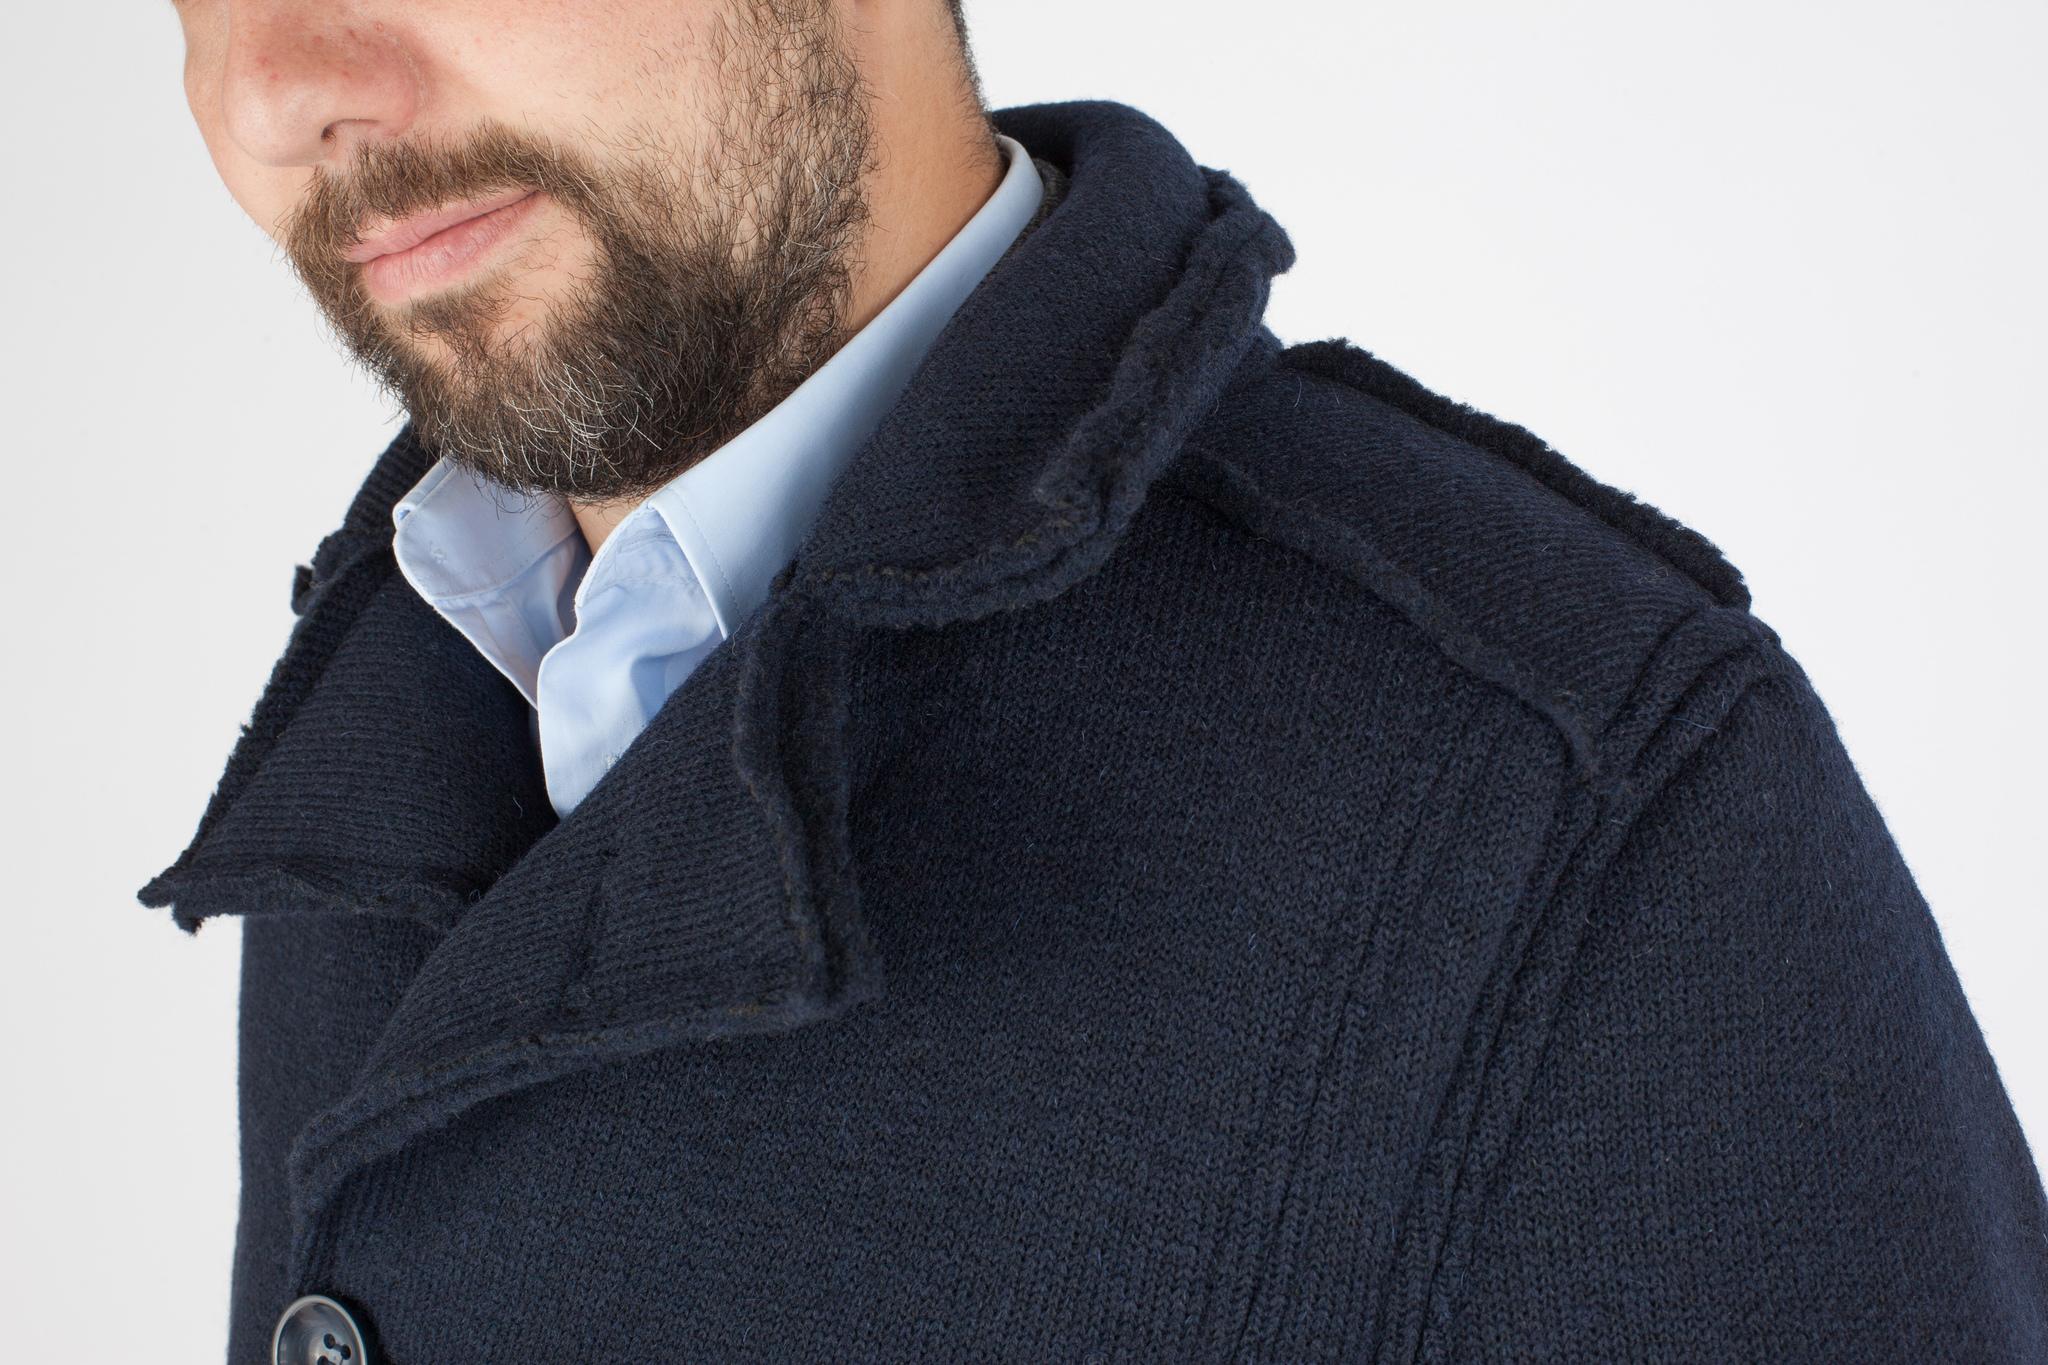 Двубортное тёмно-синее полушерстяное пальто, воротник